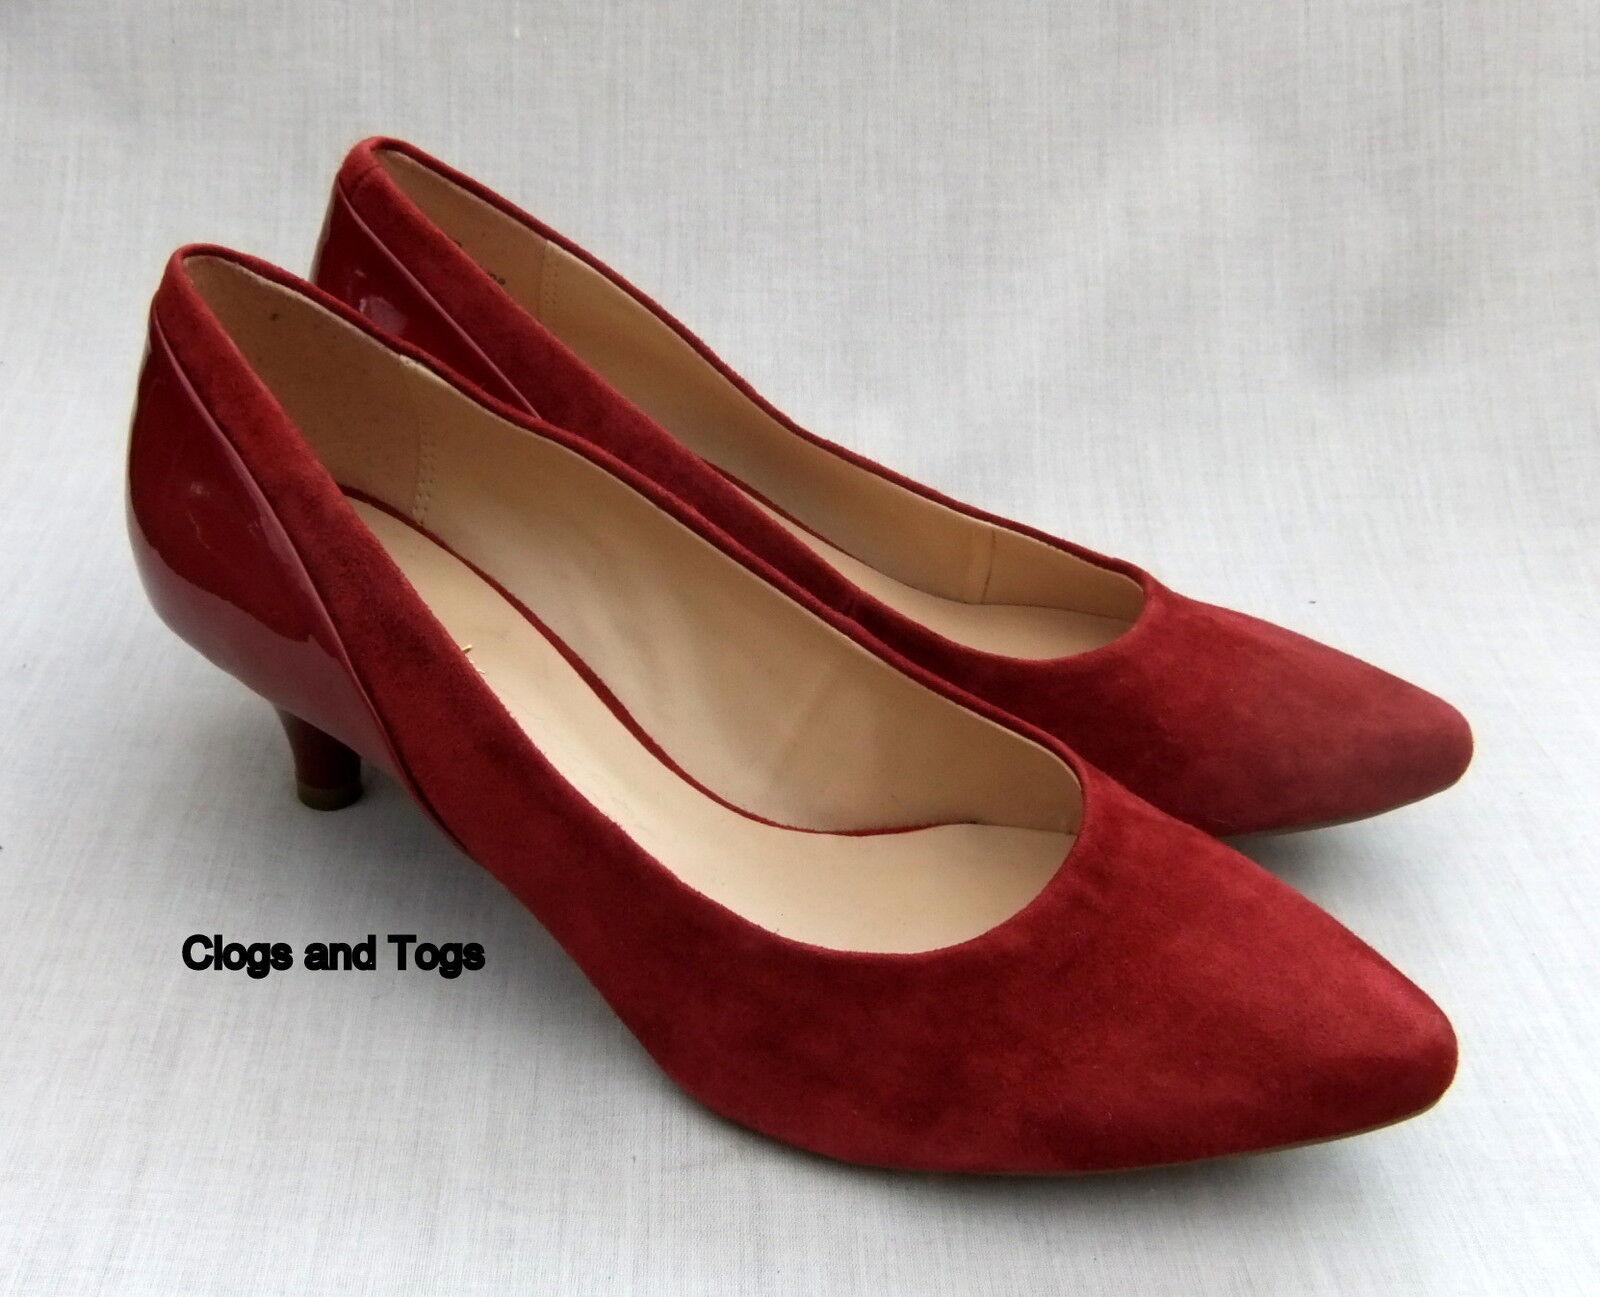 New Clarks Dauphin plongée femme bordeaux Daim Chaussures Vernies Taille 4 37